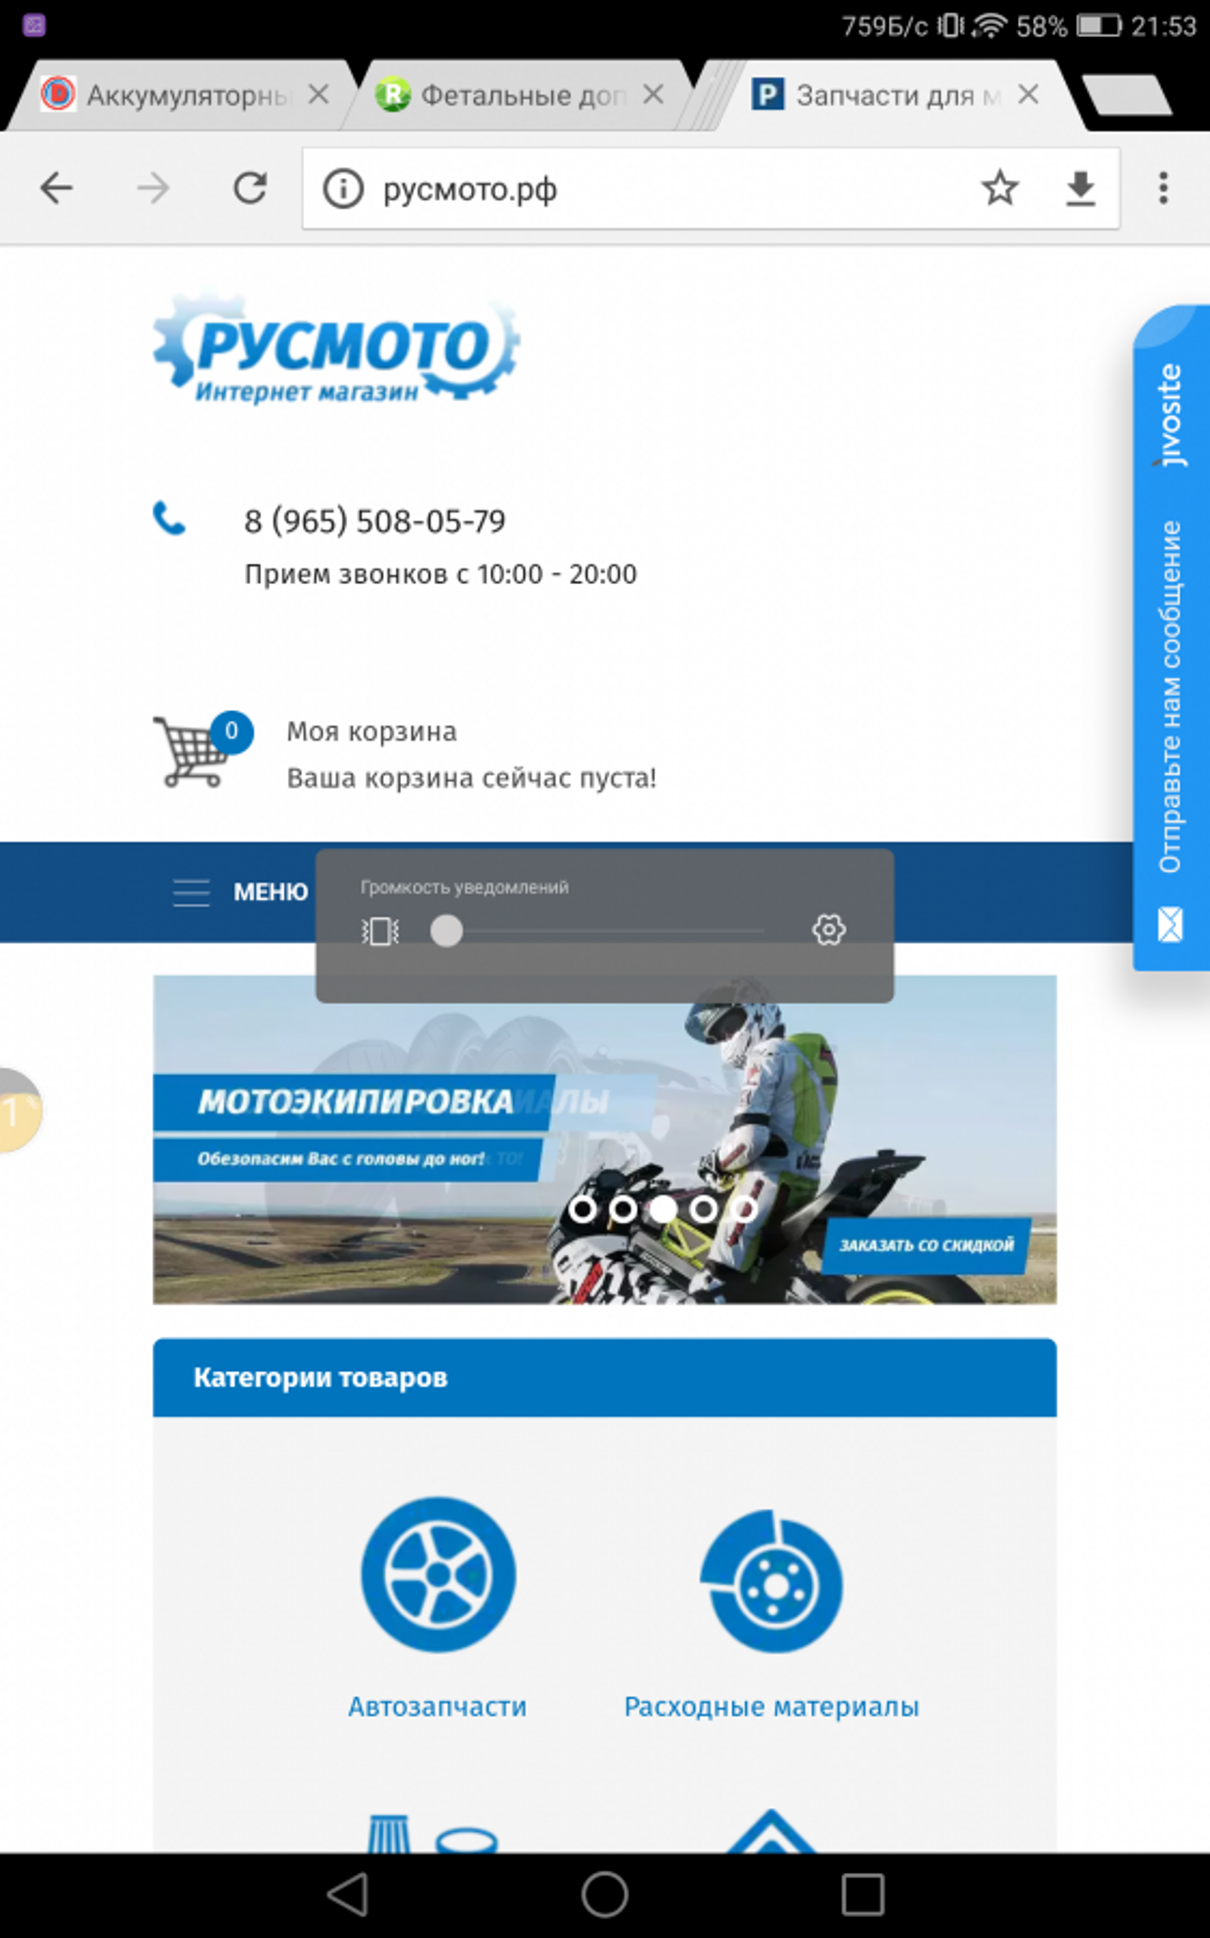 Жалоба-отзыв: Сайт Русмото.рф - Русмото.рф - мошенники!.  Фото №1